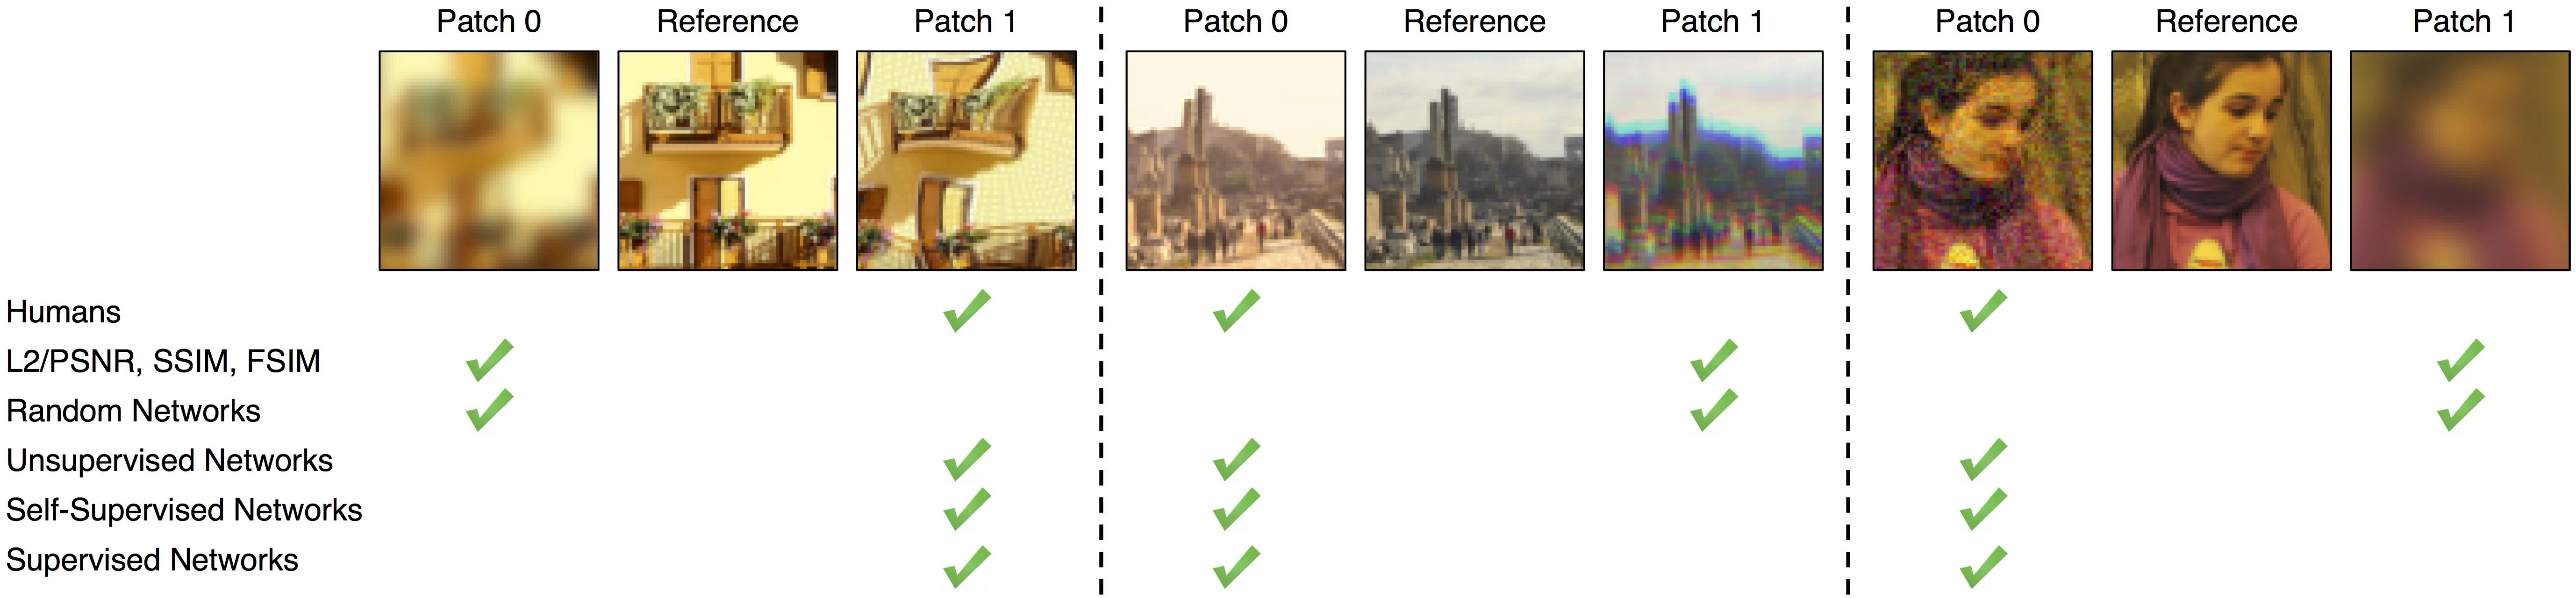 GitHub - richzhang/PerceptualSimilarity: Learned Perceptual Image